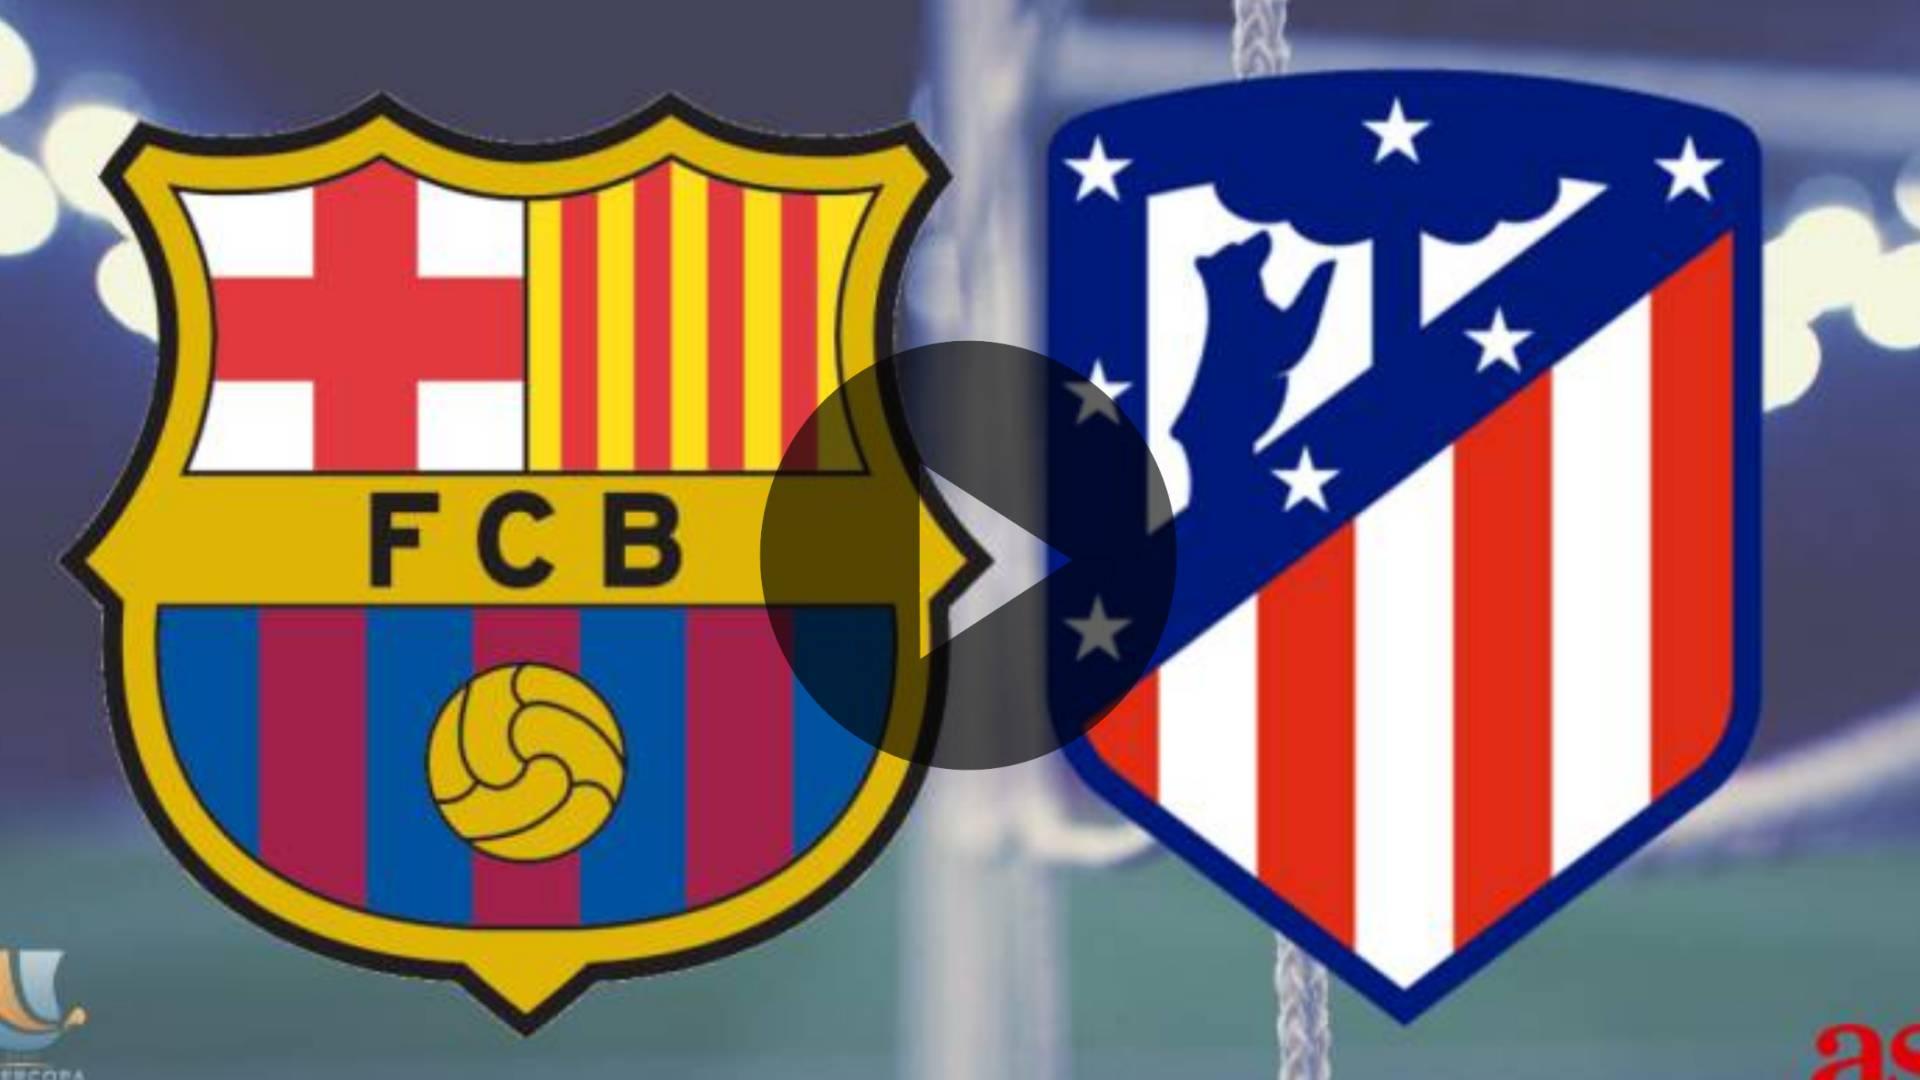 AQUI EN VIVO GRATIS ONLINE ATLETICO DE MADRID VS BARCELONA: El Atlético de Madrid contra el Barcelona: La Liga en vivo, canal de TV